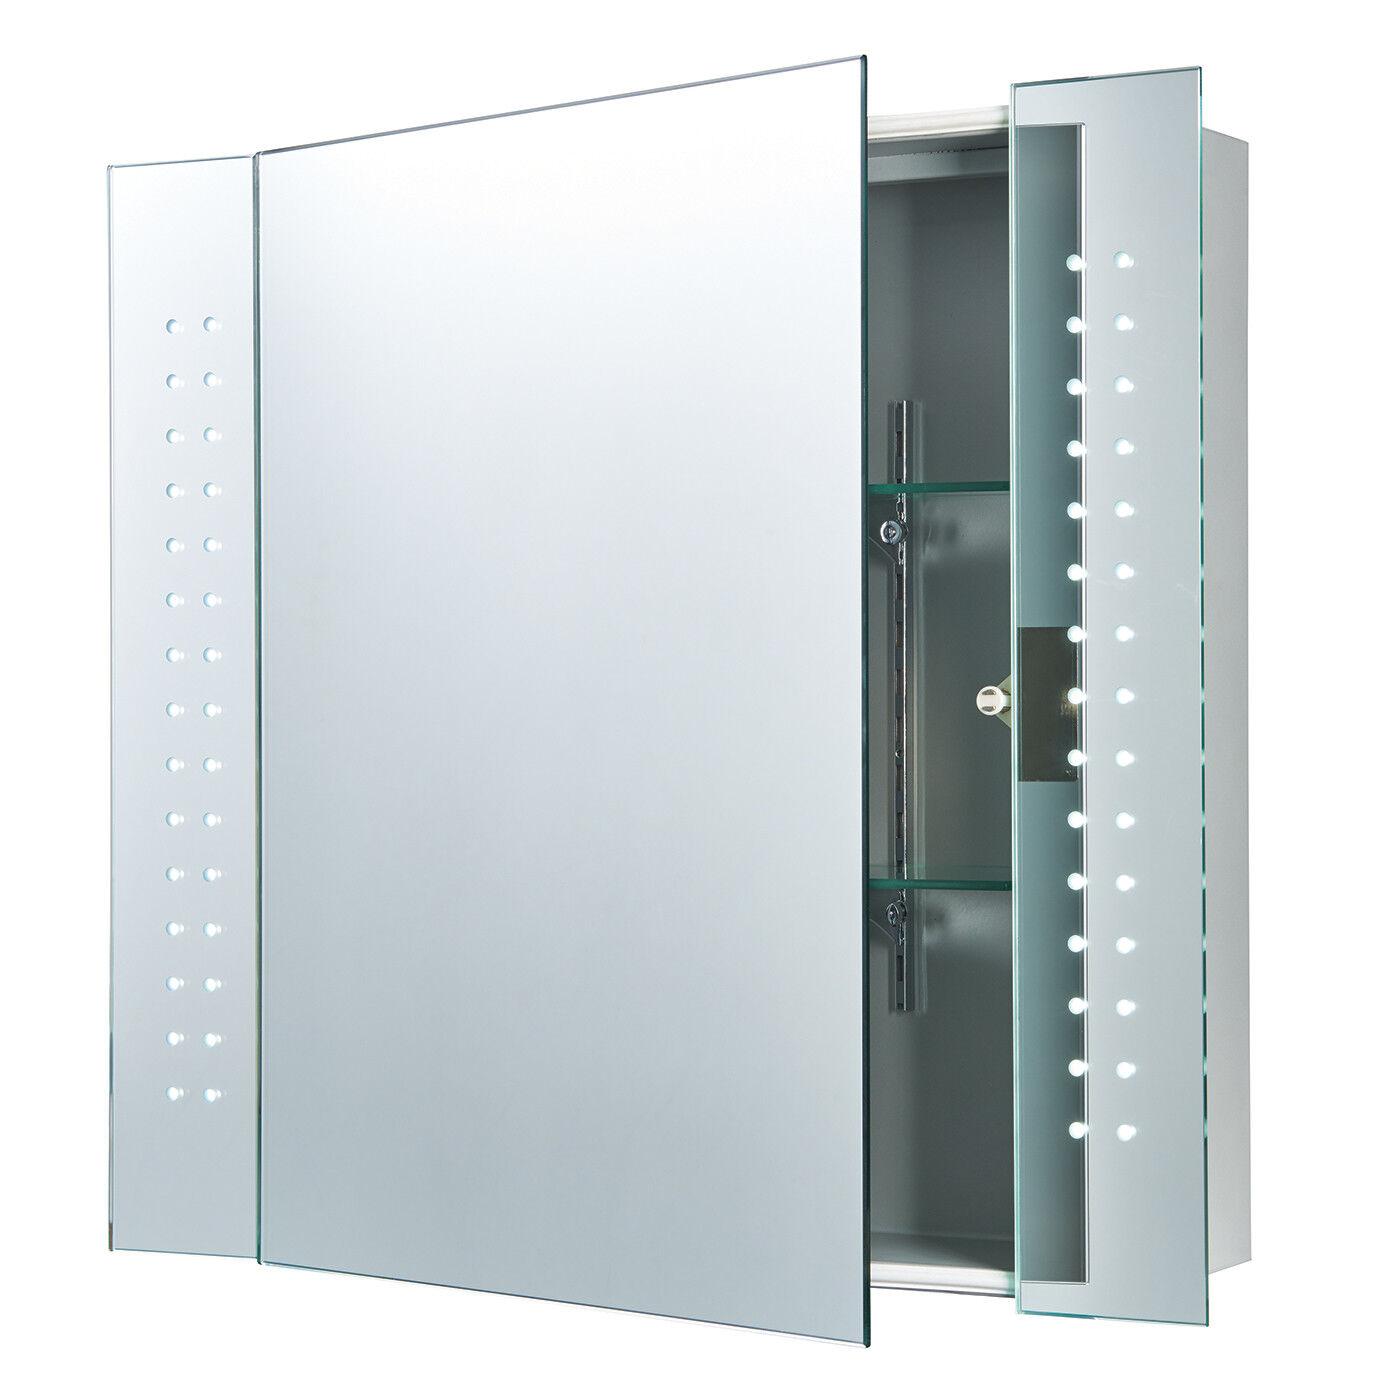 Endon REVELO REVELO REVELO DEL rasoir miroir de salle de bain Cabinet IP44 Capteur 5 W H: 600 mm W: 650 mm   Durable Dans L'utilisation  cbee62